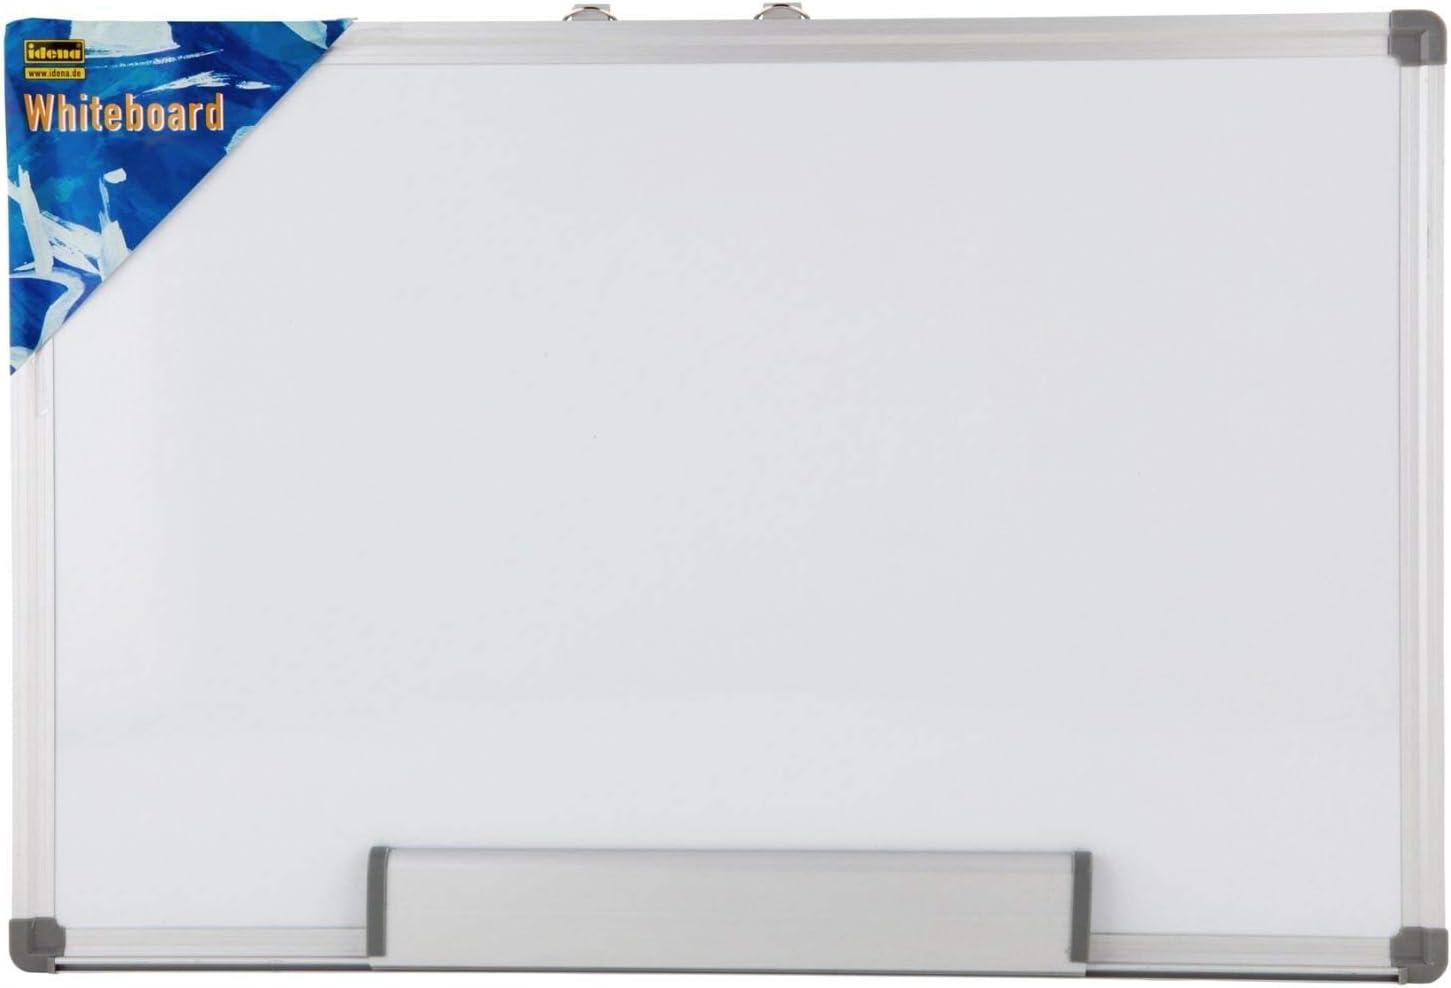 Idena 568024 - Pizarra blanca, aprox. 40 x 30 cm: Amazon.es ...